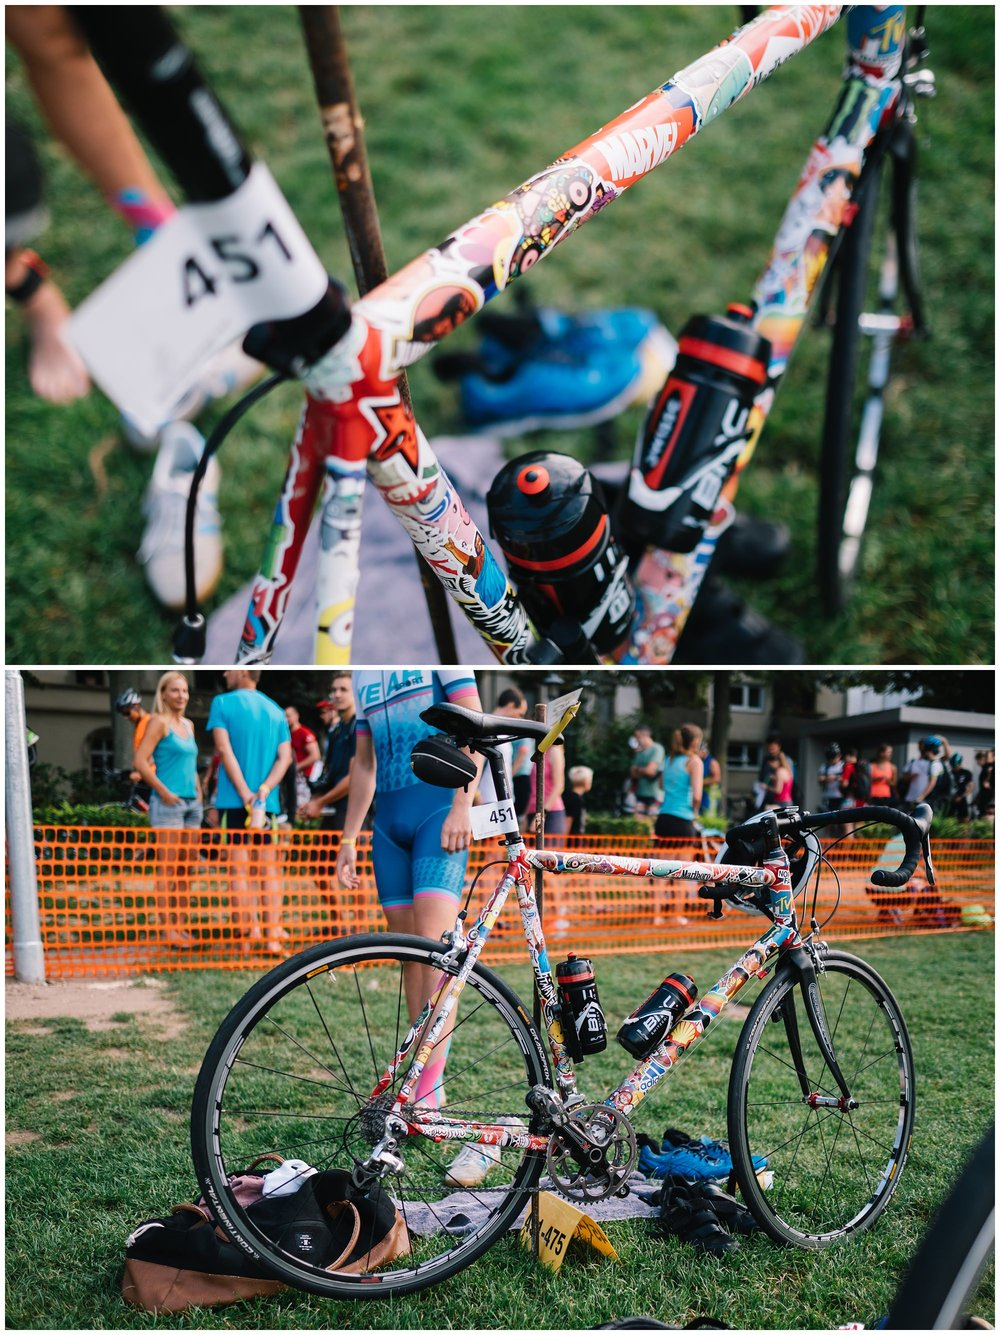 Heidelbergman-Triathlon-2018-04_web-1.jpg